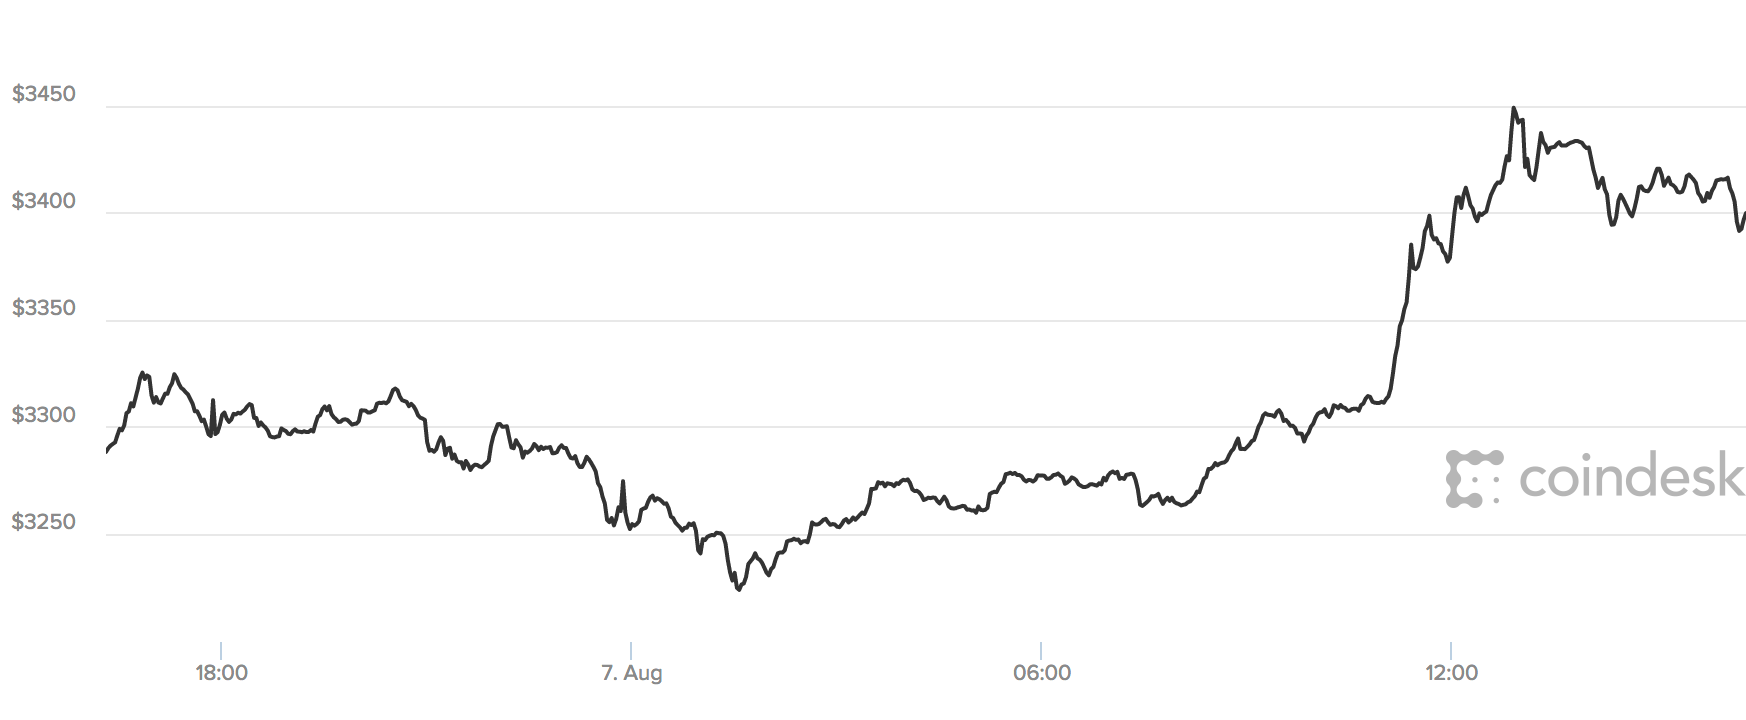 Bitcoin value live / Tutorial bitcoin mining